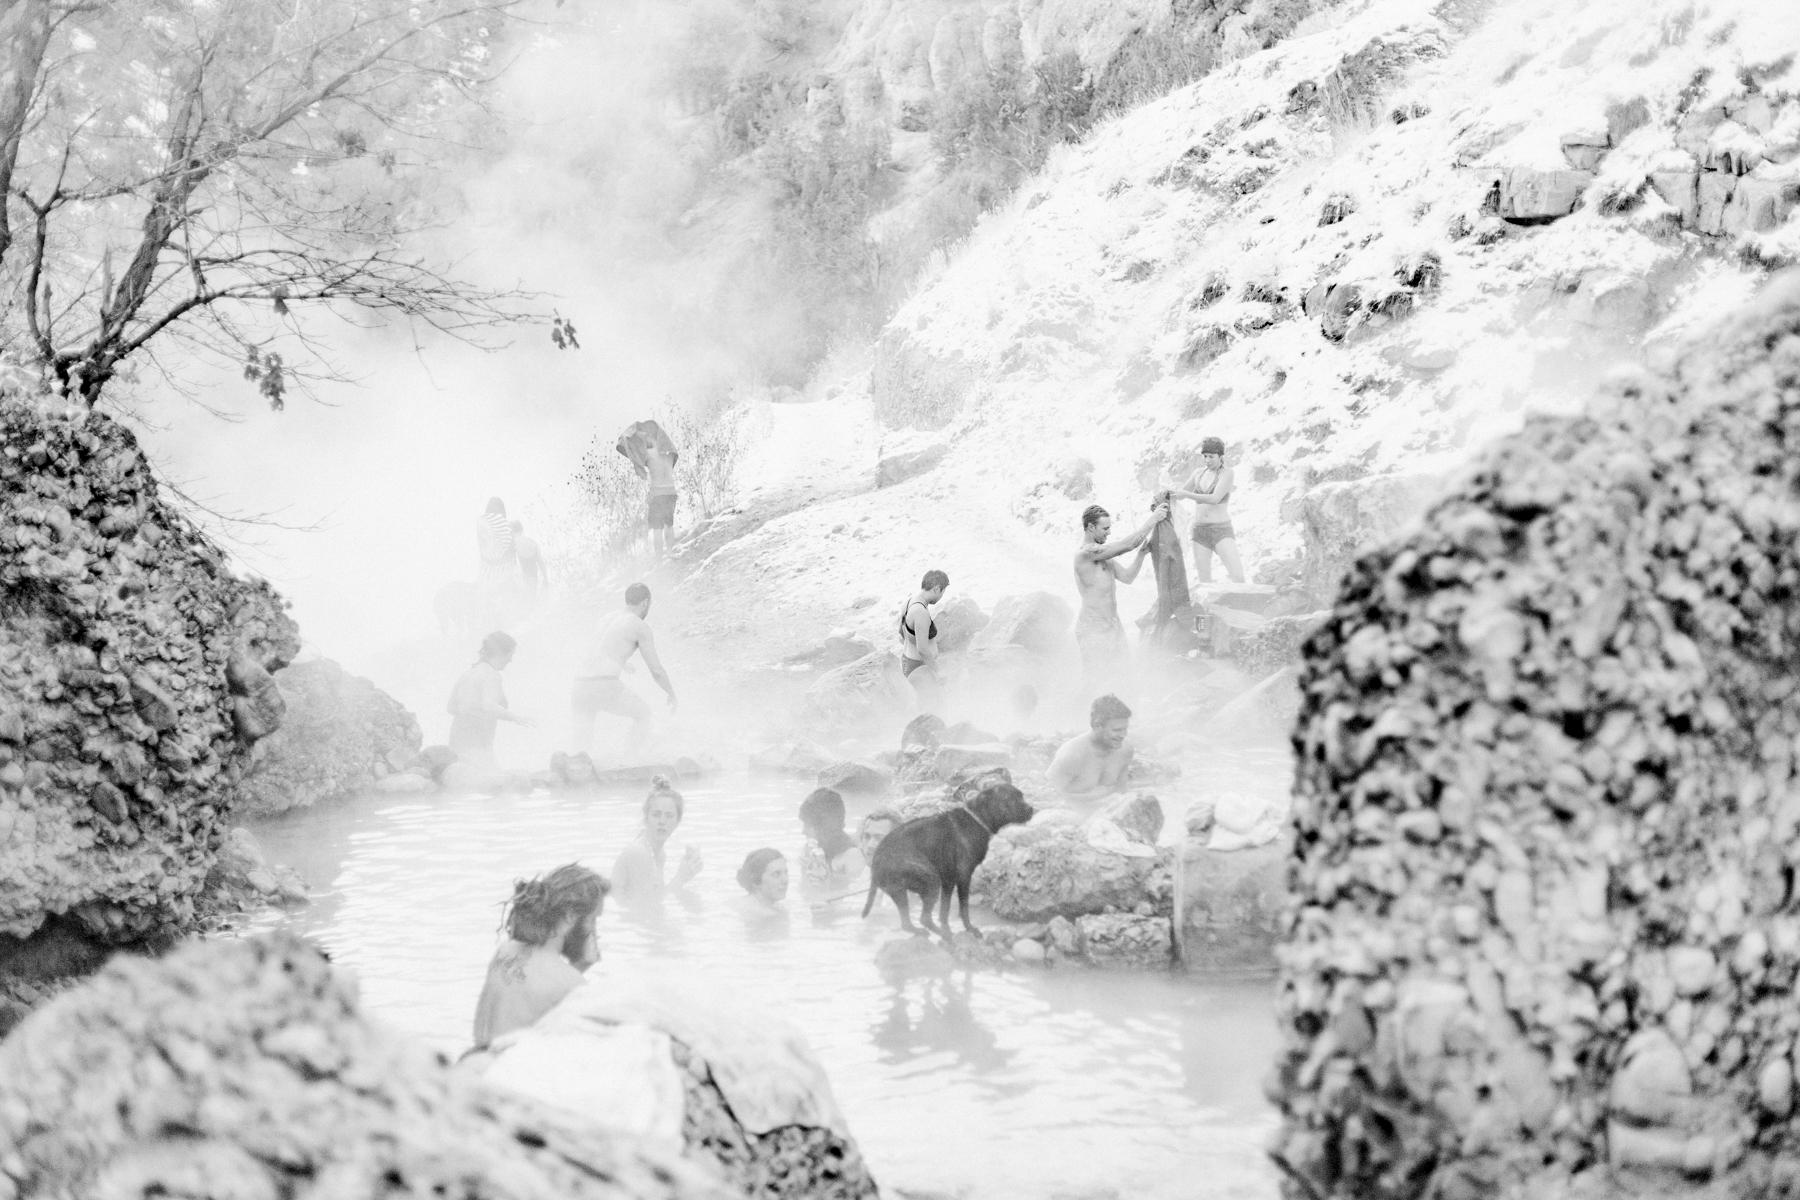 hot-springs-bw-2.jpg